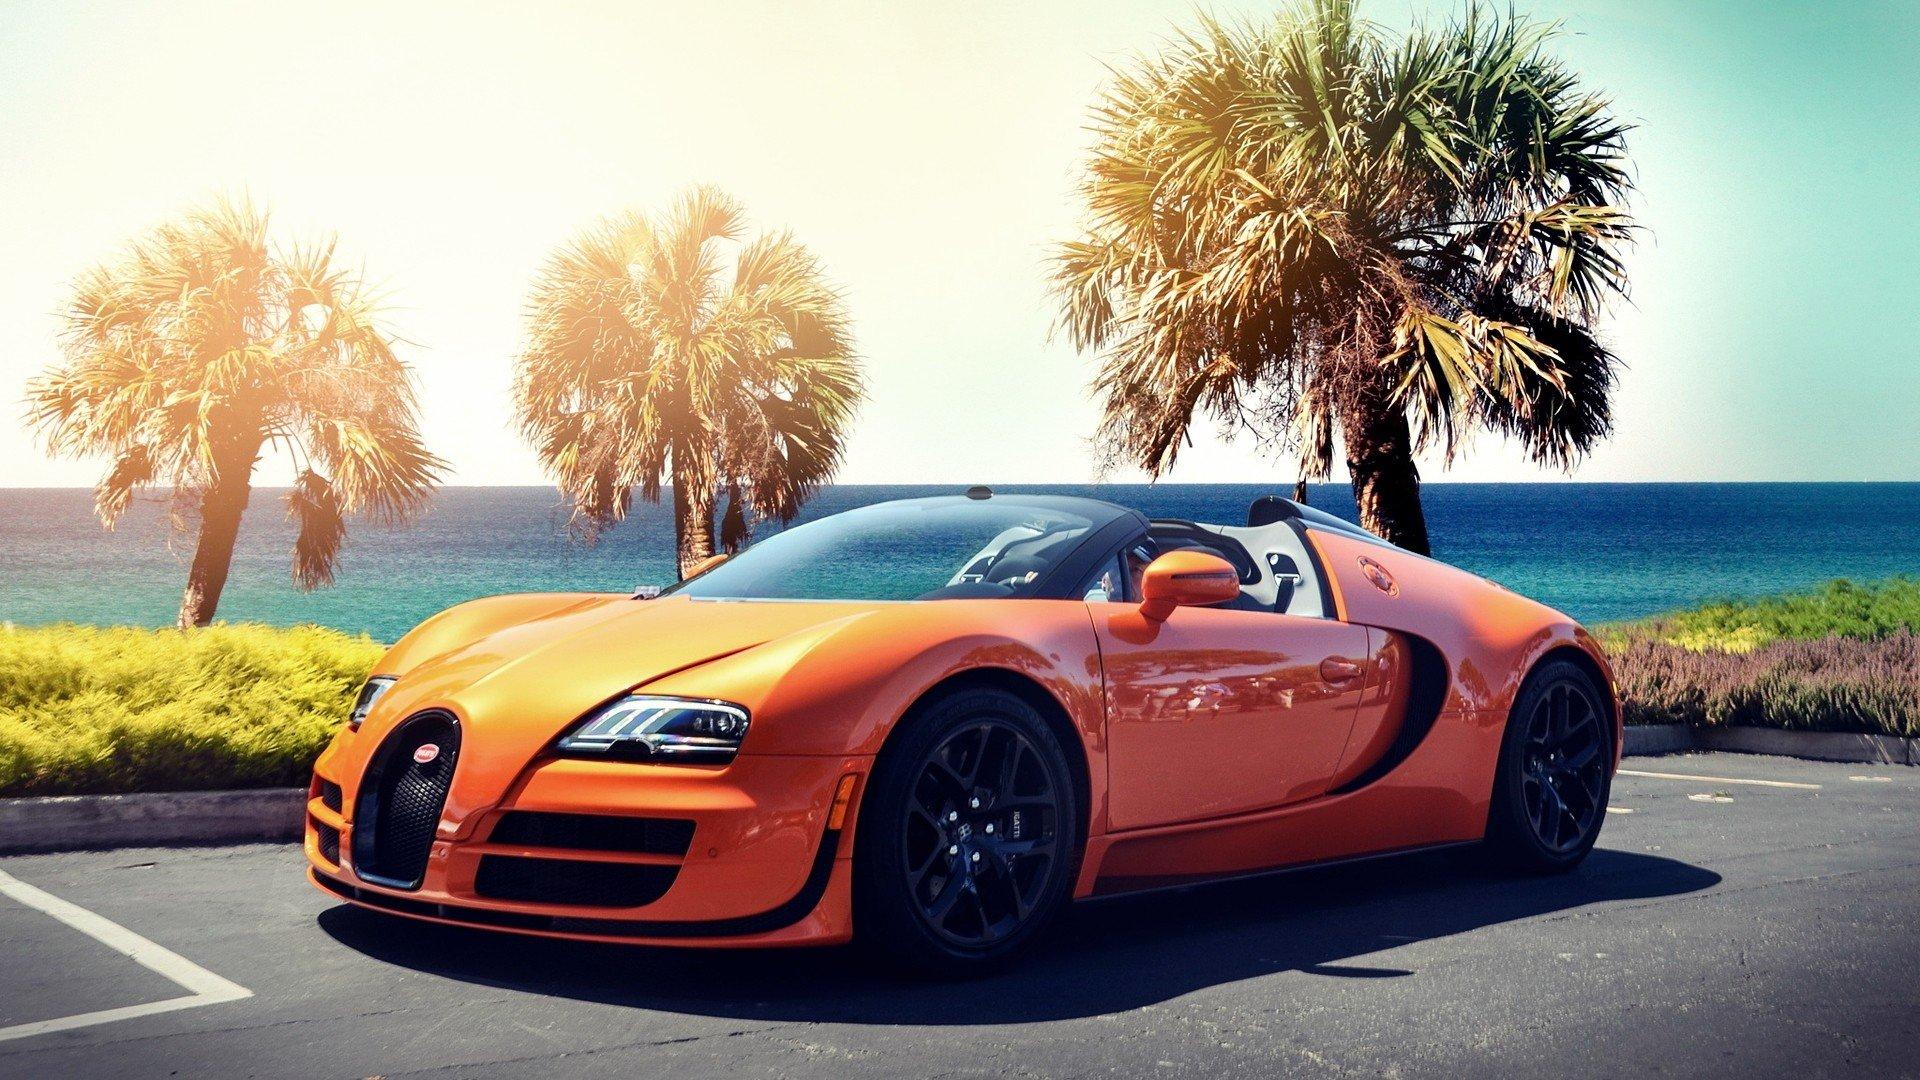 Streets Cars Bugatti Veyron Bugatti Sunlight Roads Bugatti Veyron